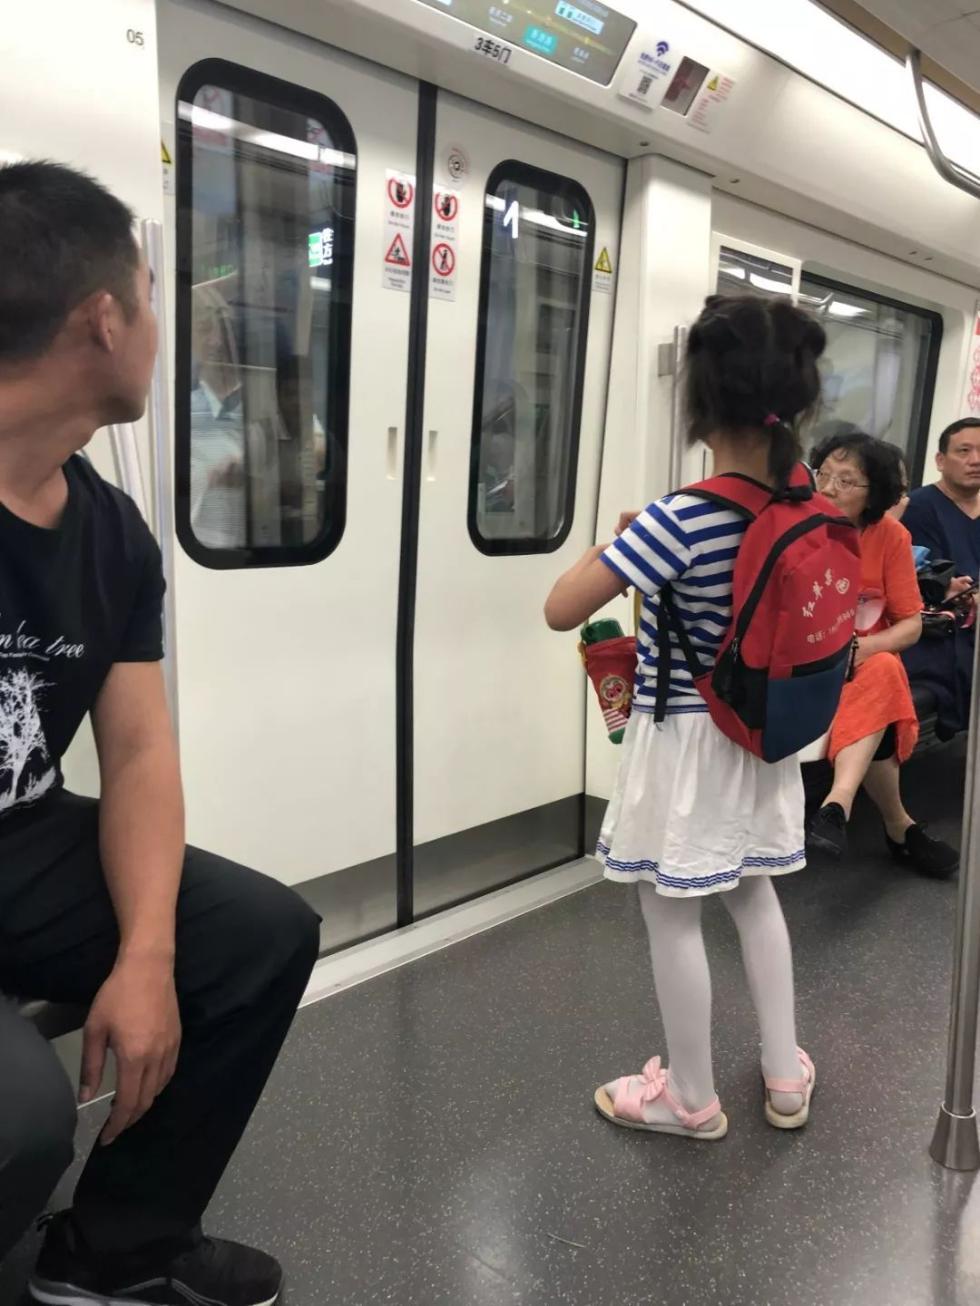 孩子在地铁站走丢,找到后,妈妈第一个举动竟是……令人诧异